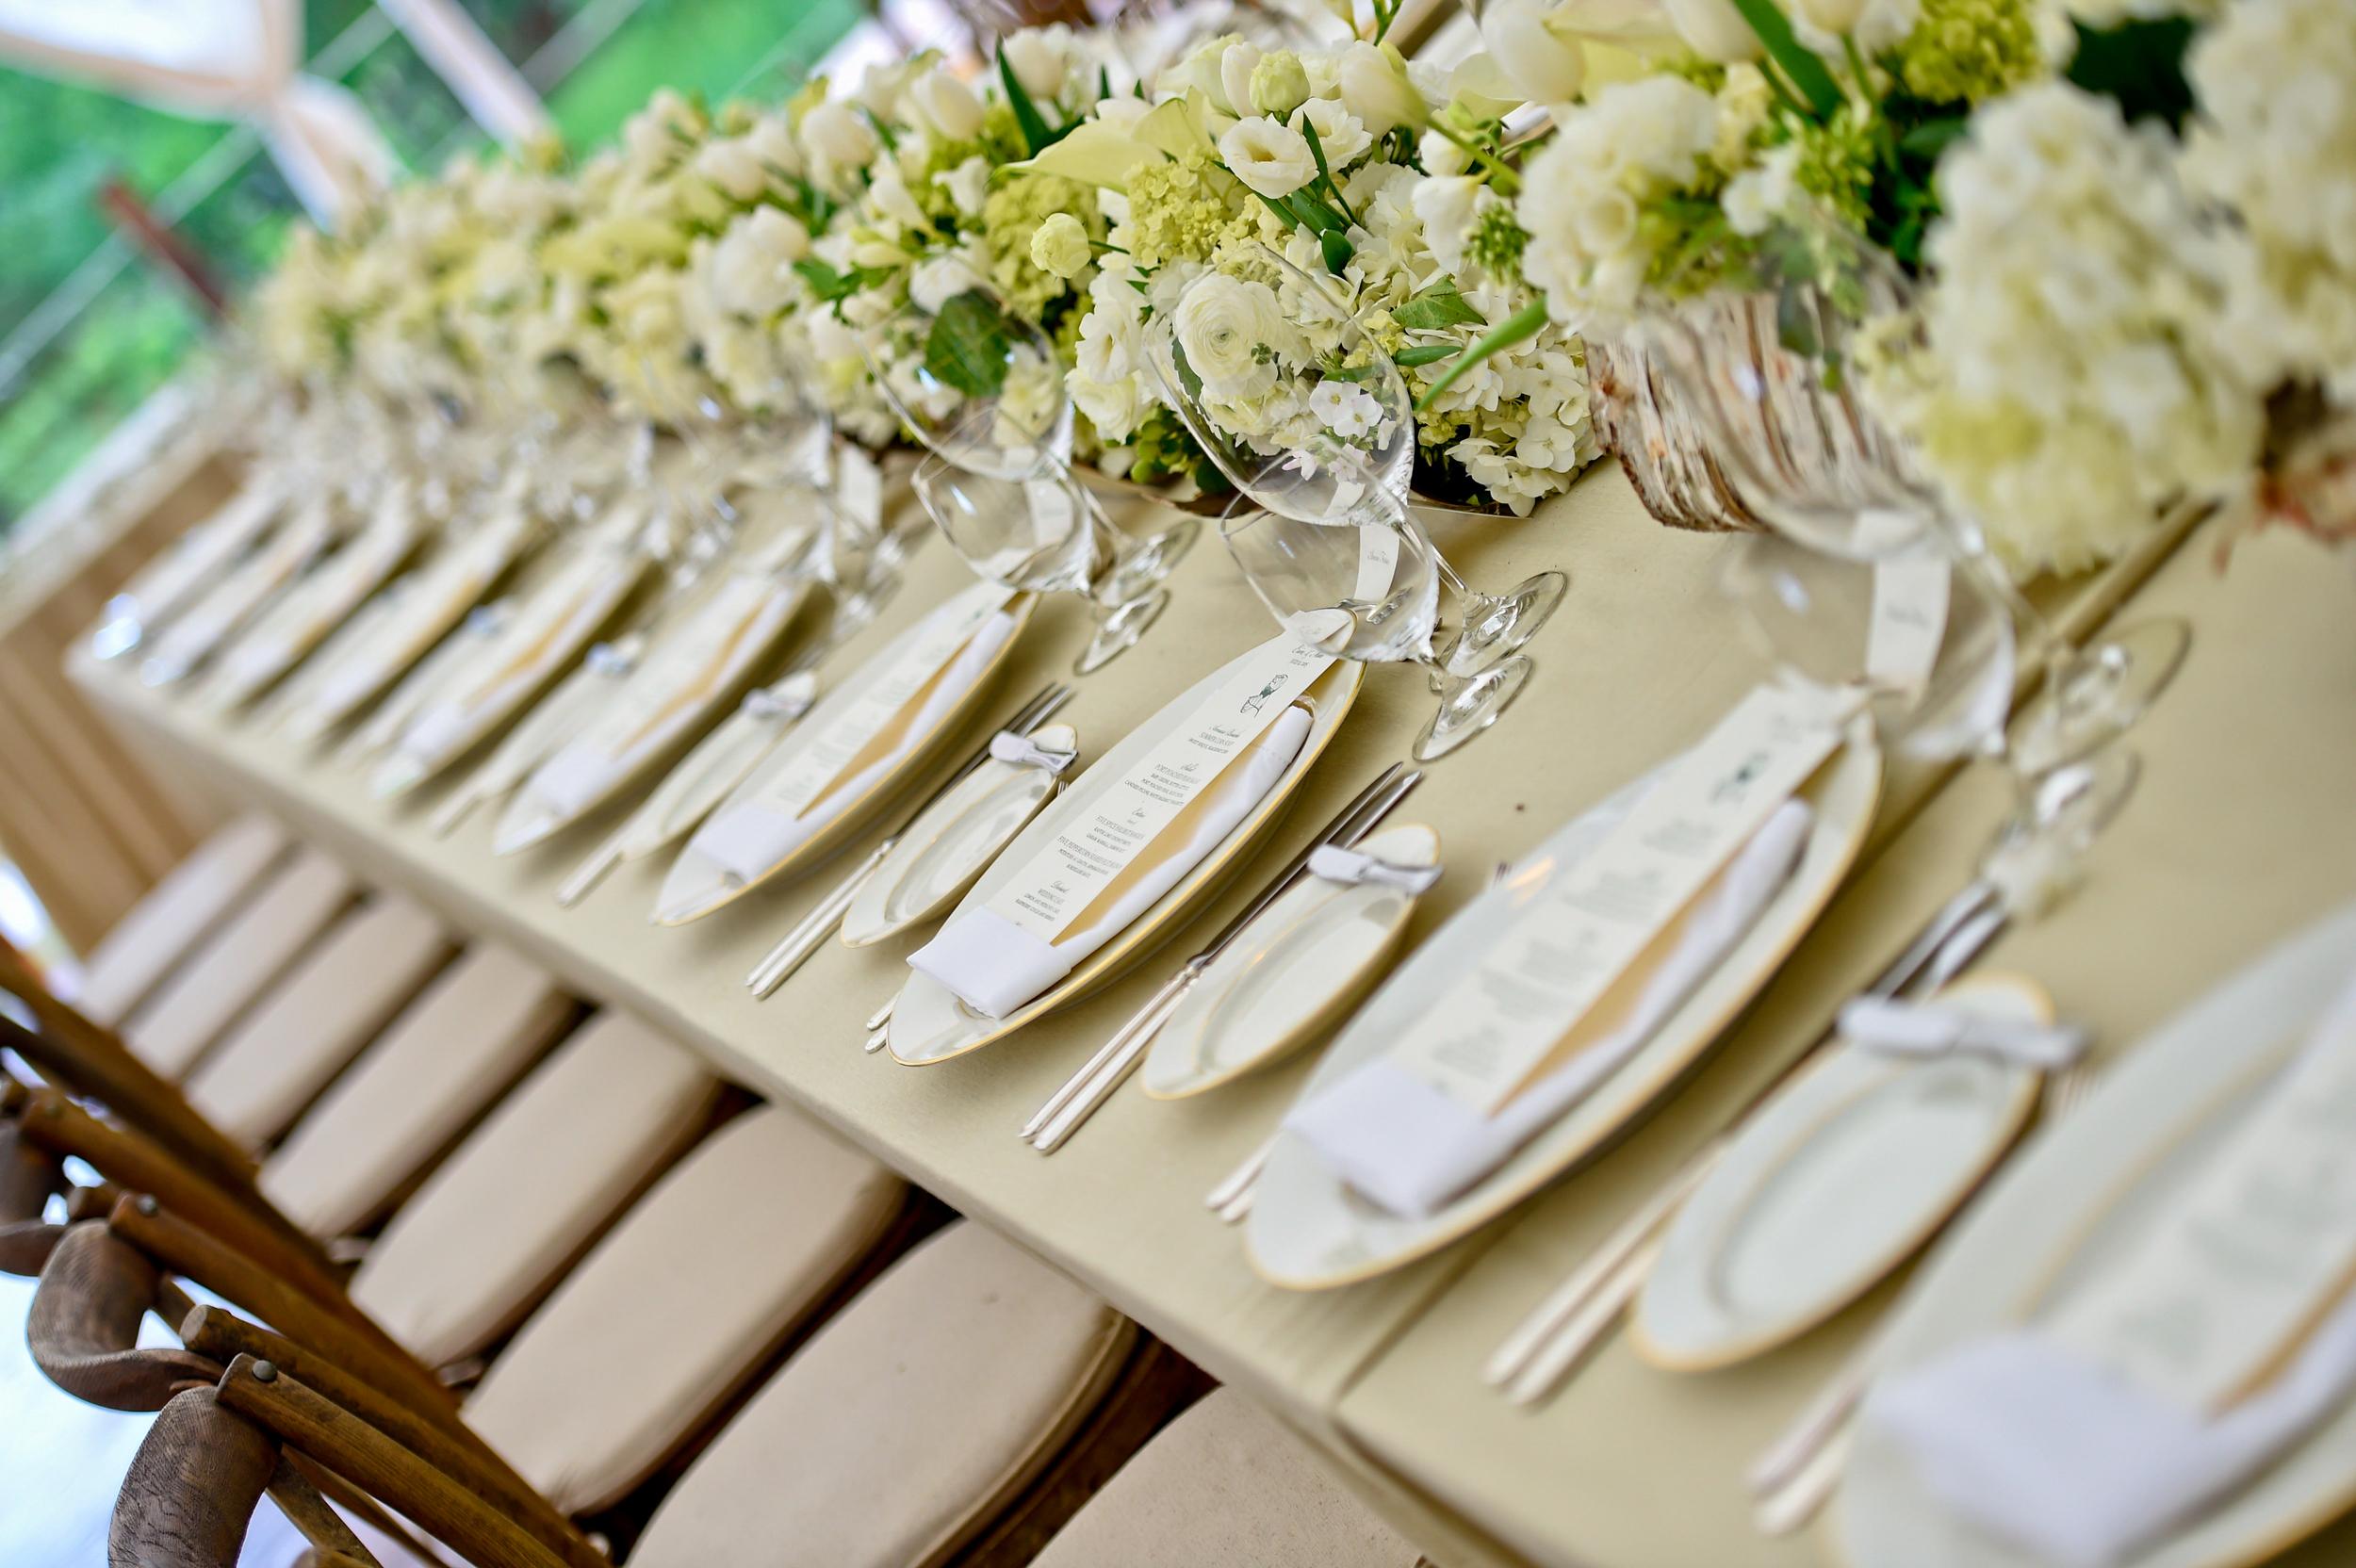 White & Green Dinner Table Setting